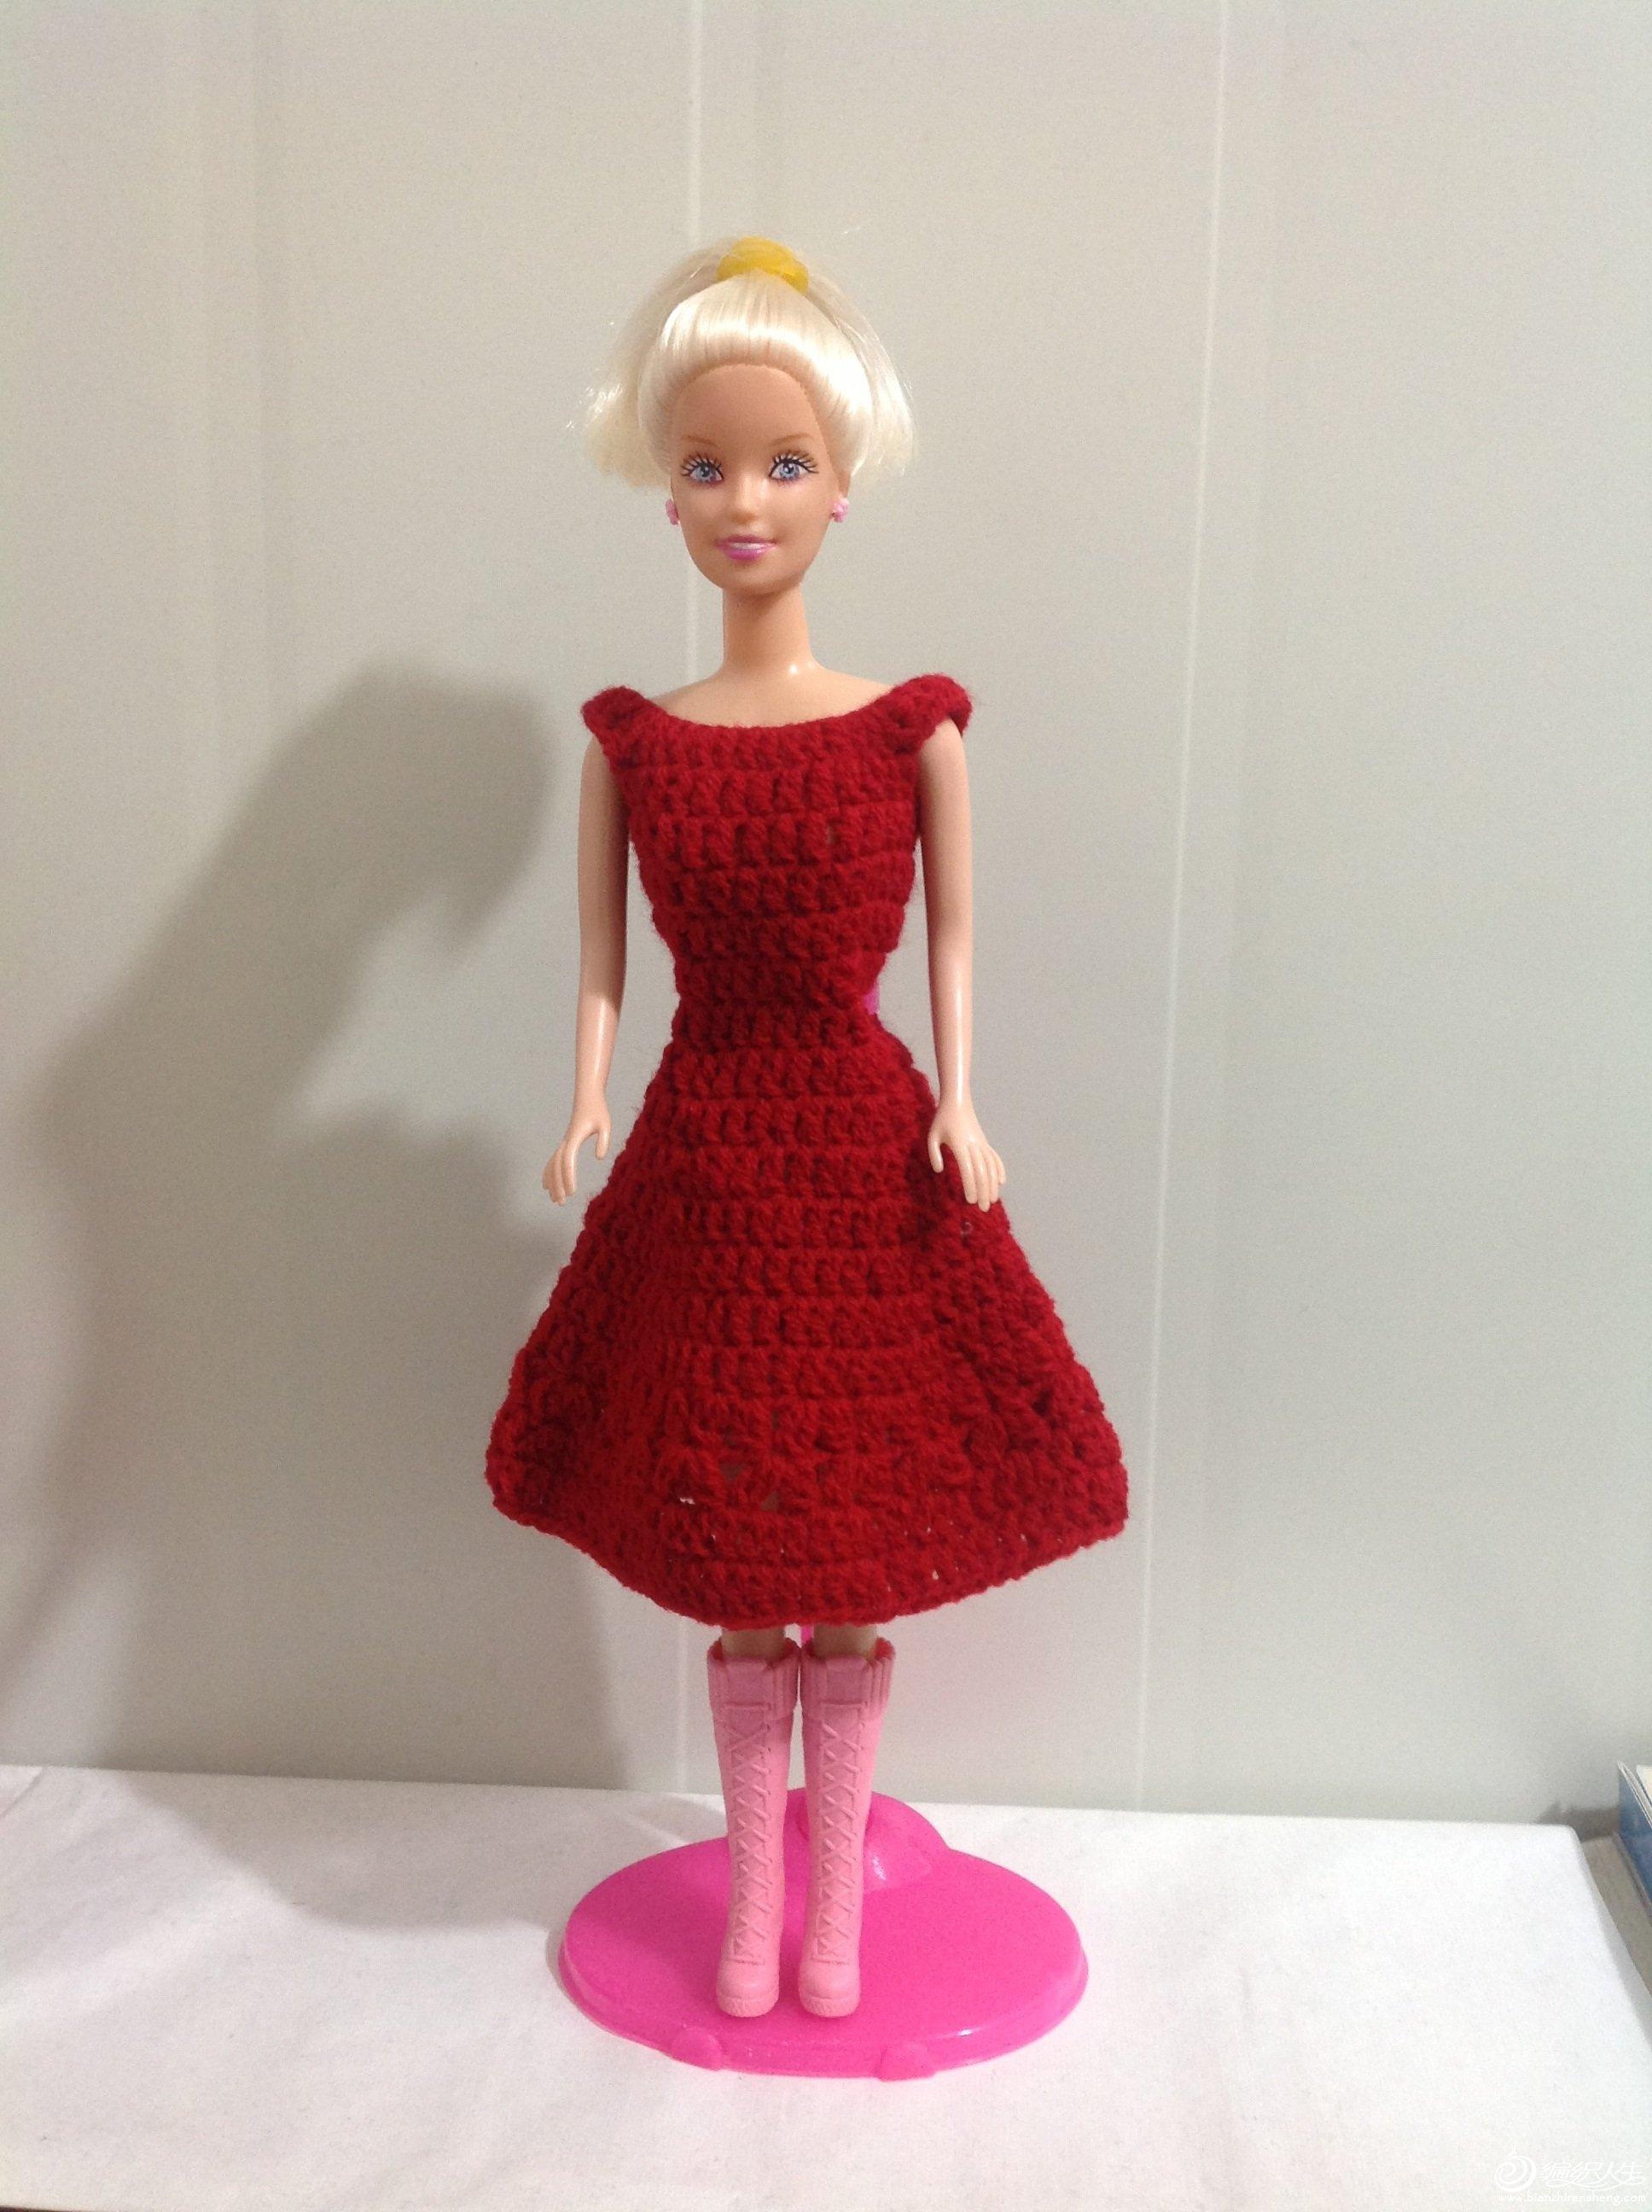 芭比娃娃的裙子&#128087